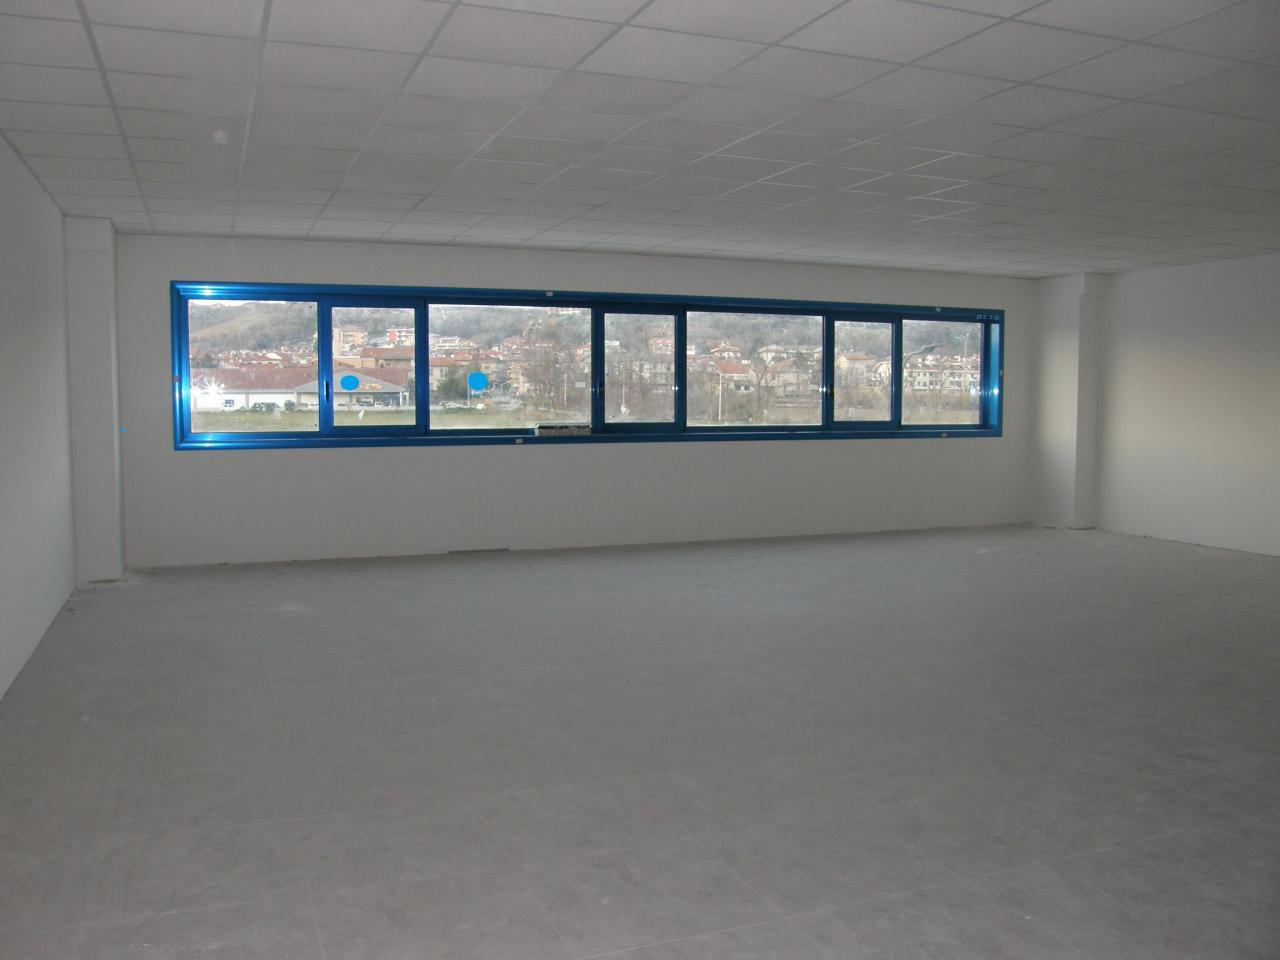 Ufficio / Studio in vendita a Ascoli Piceno, 9999 locali, prezzo € 120.000 | Cambio Casa.it